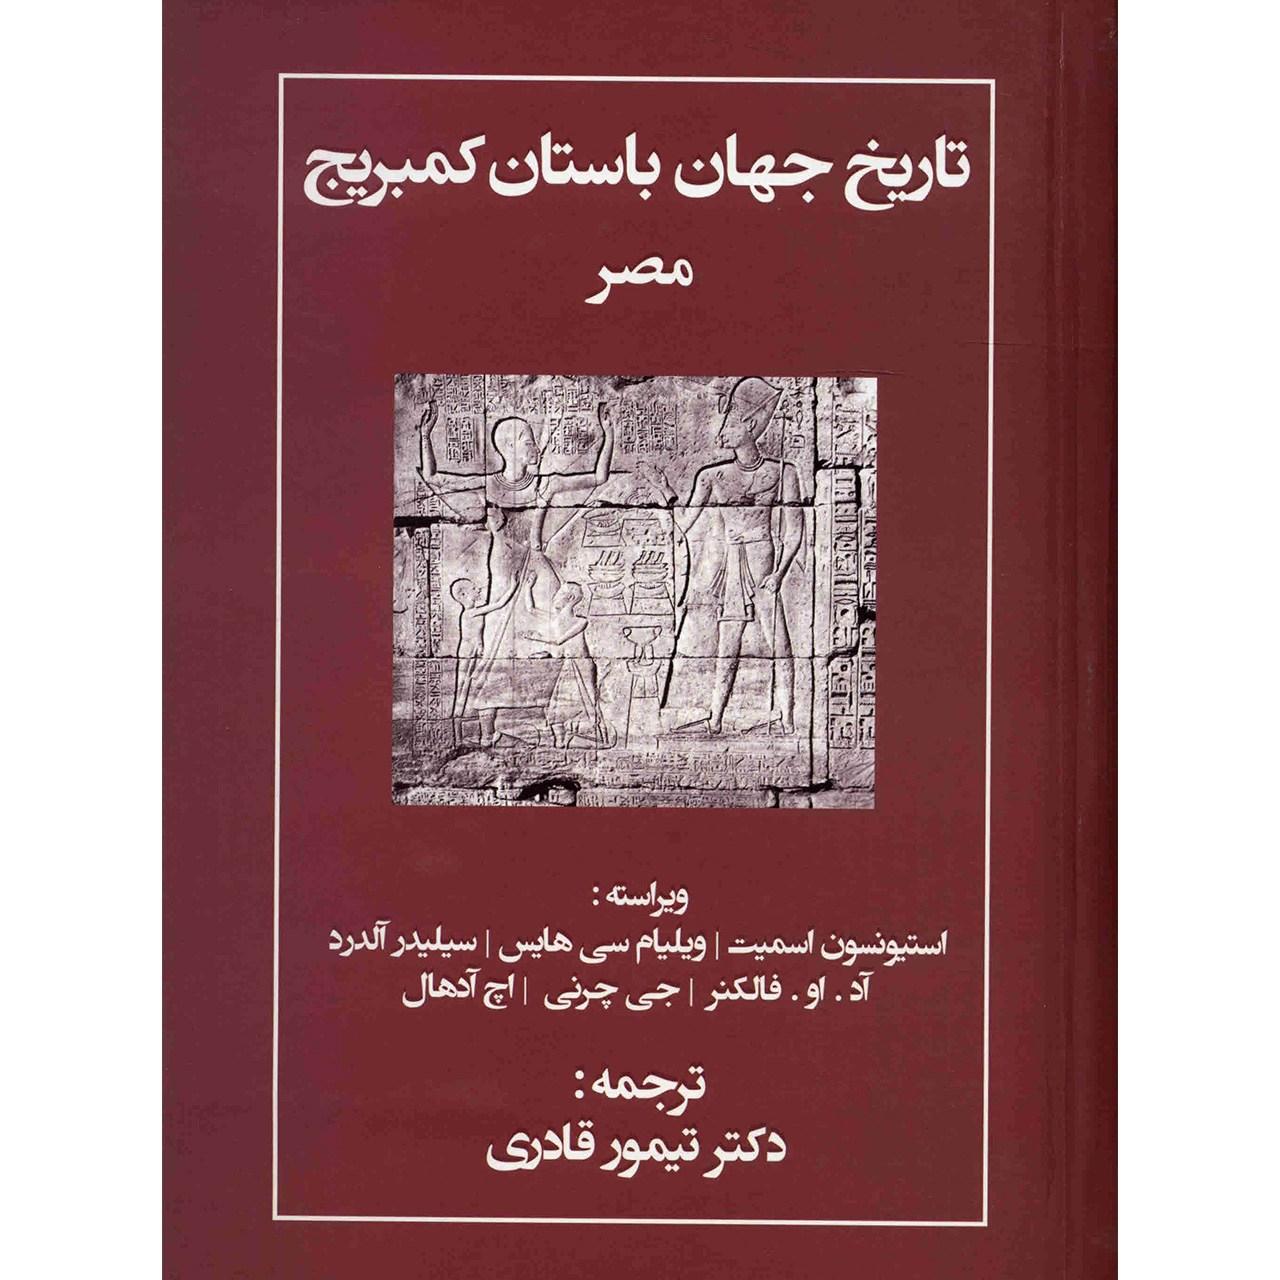 کتاب تاریخ جهان باستان کمبریج مصر اثر استیونسون اسمیت